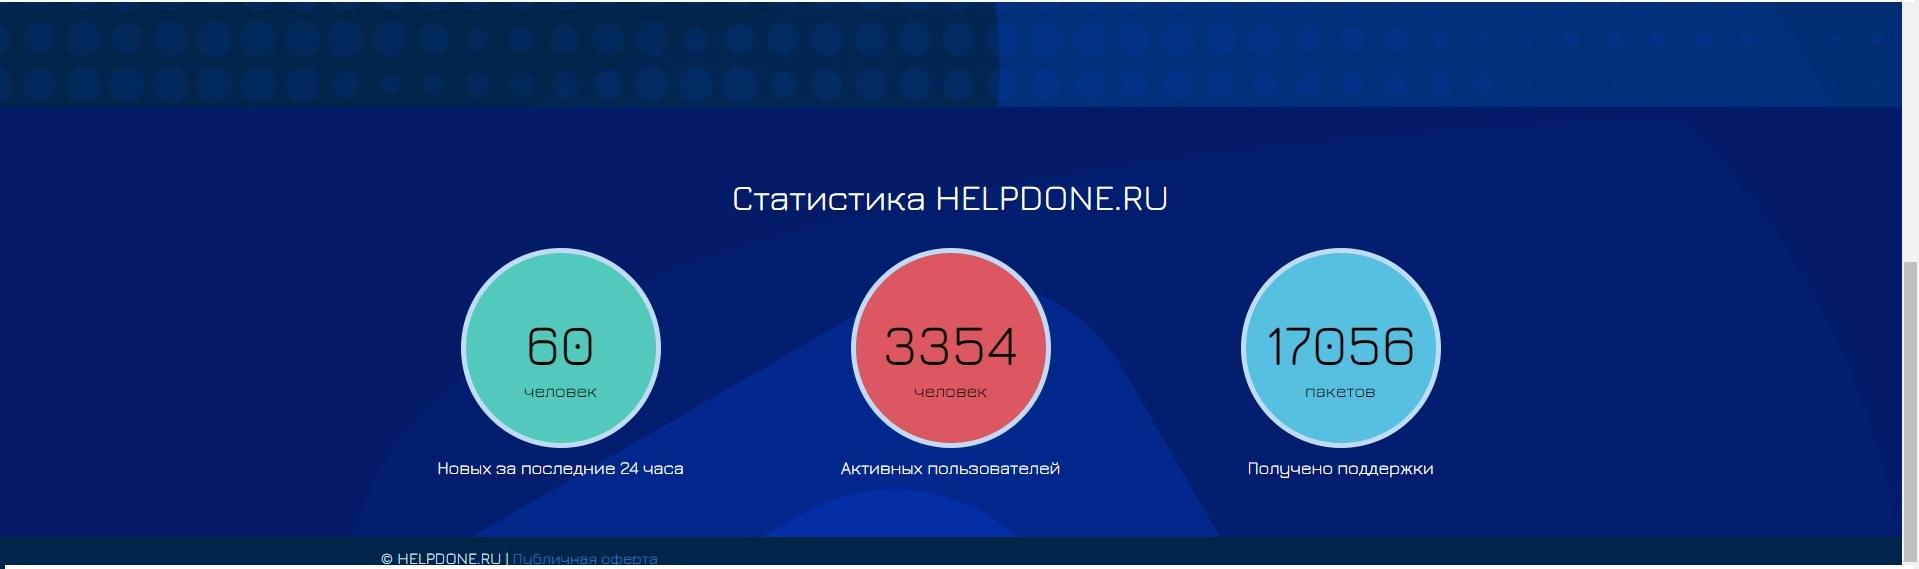 Статистика деятельности сайта